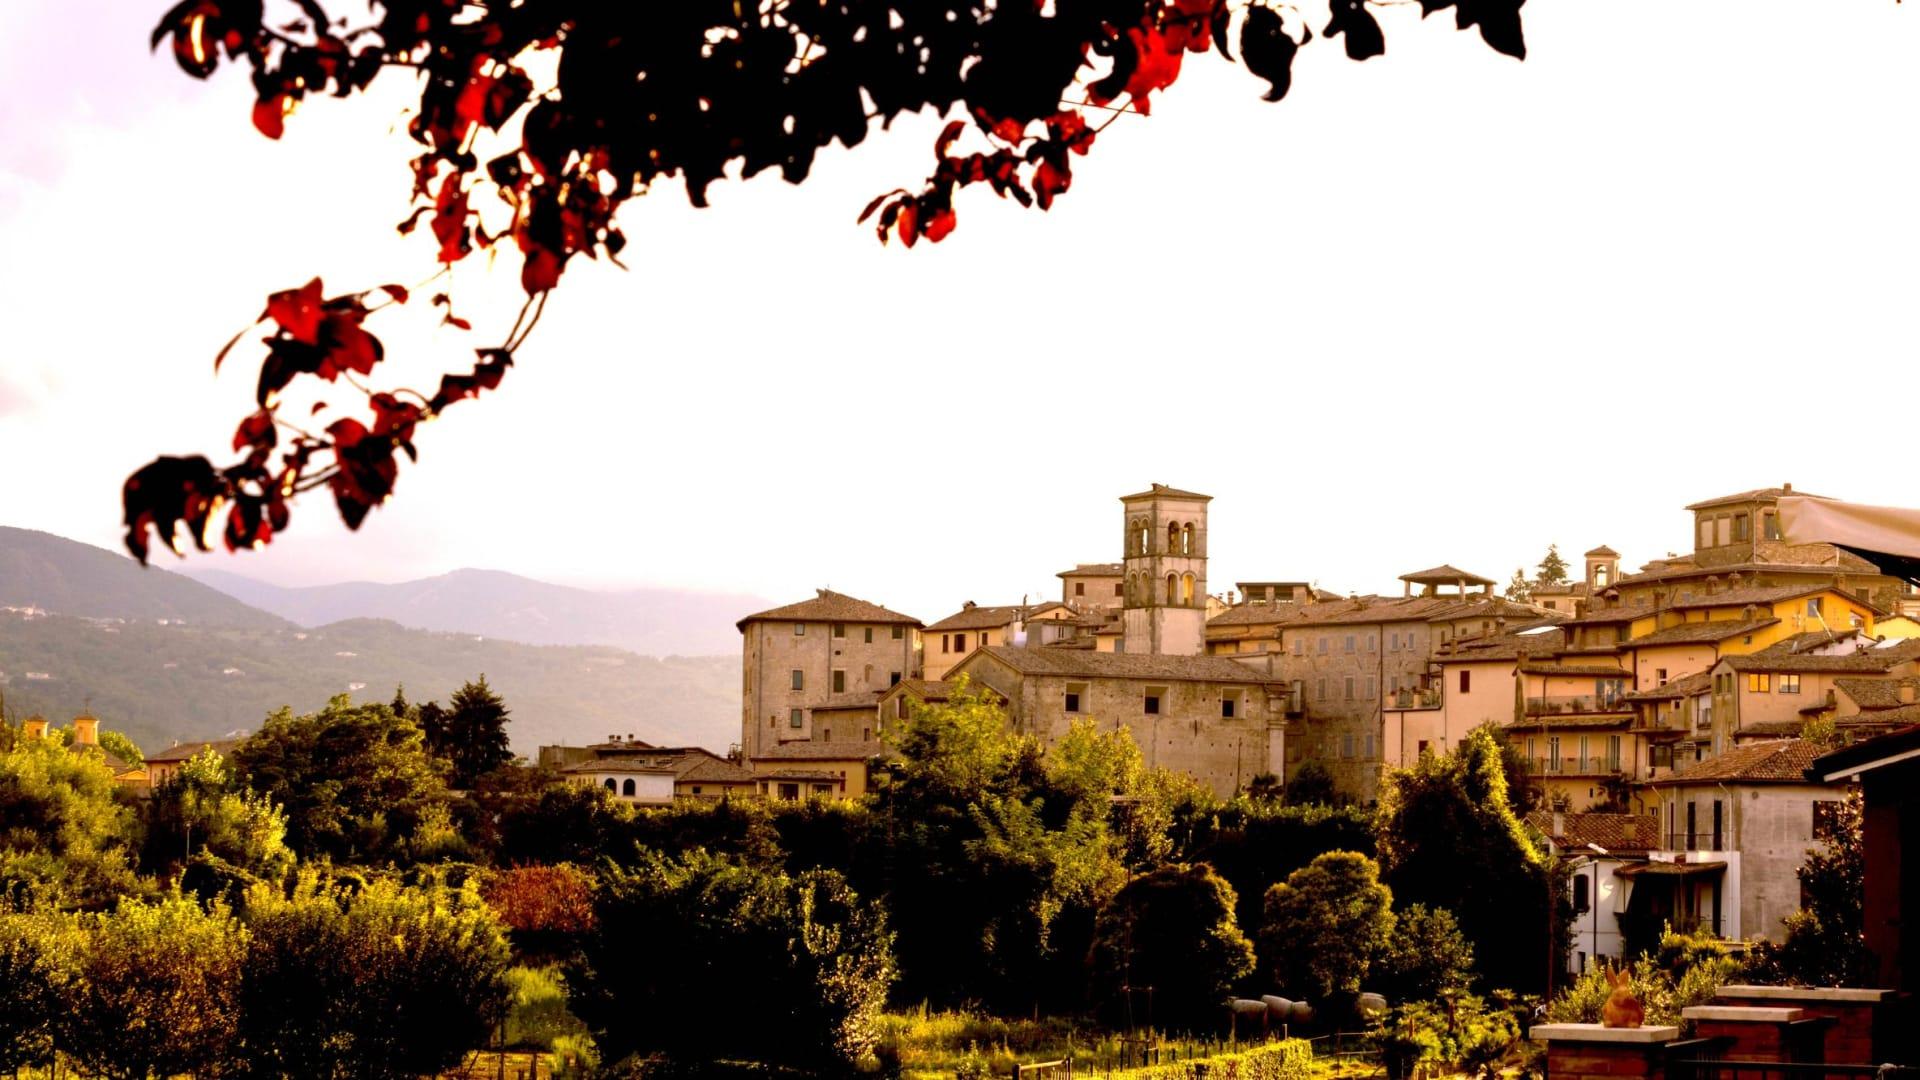 بظل كورونا.. ستدفع لك هذه المدن الإيطالية الساحرة مقابل العمل عن بُعد فيها